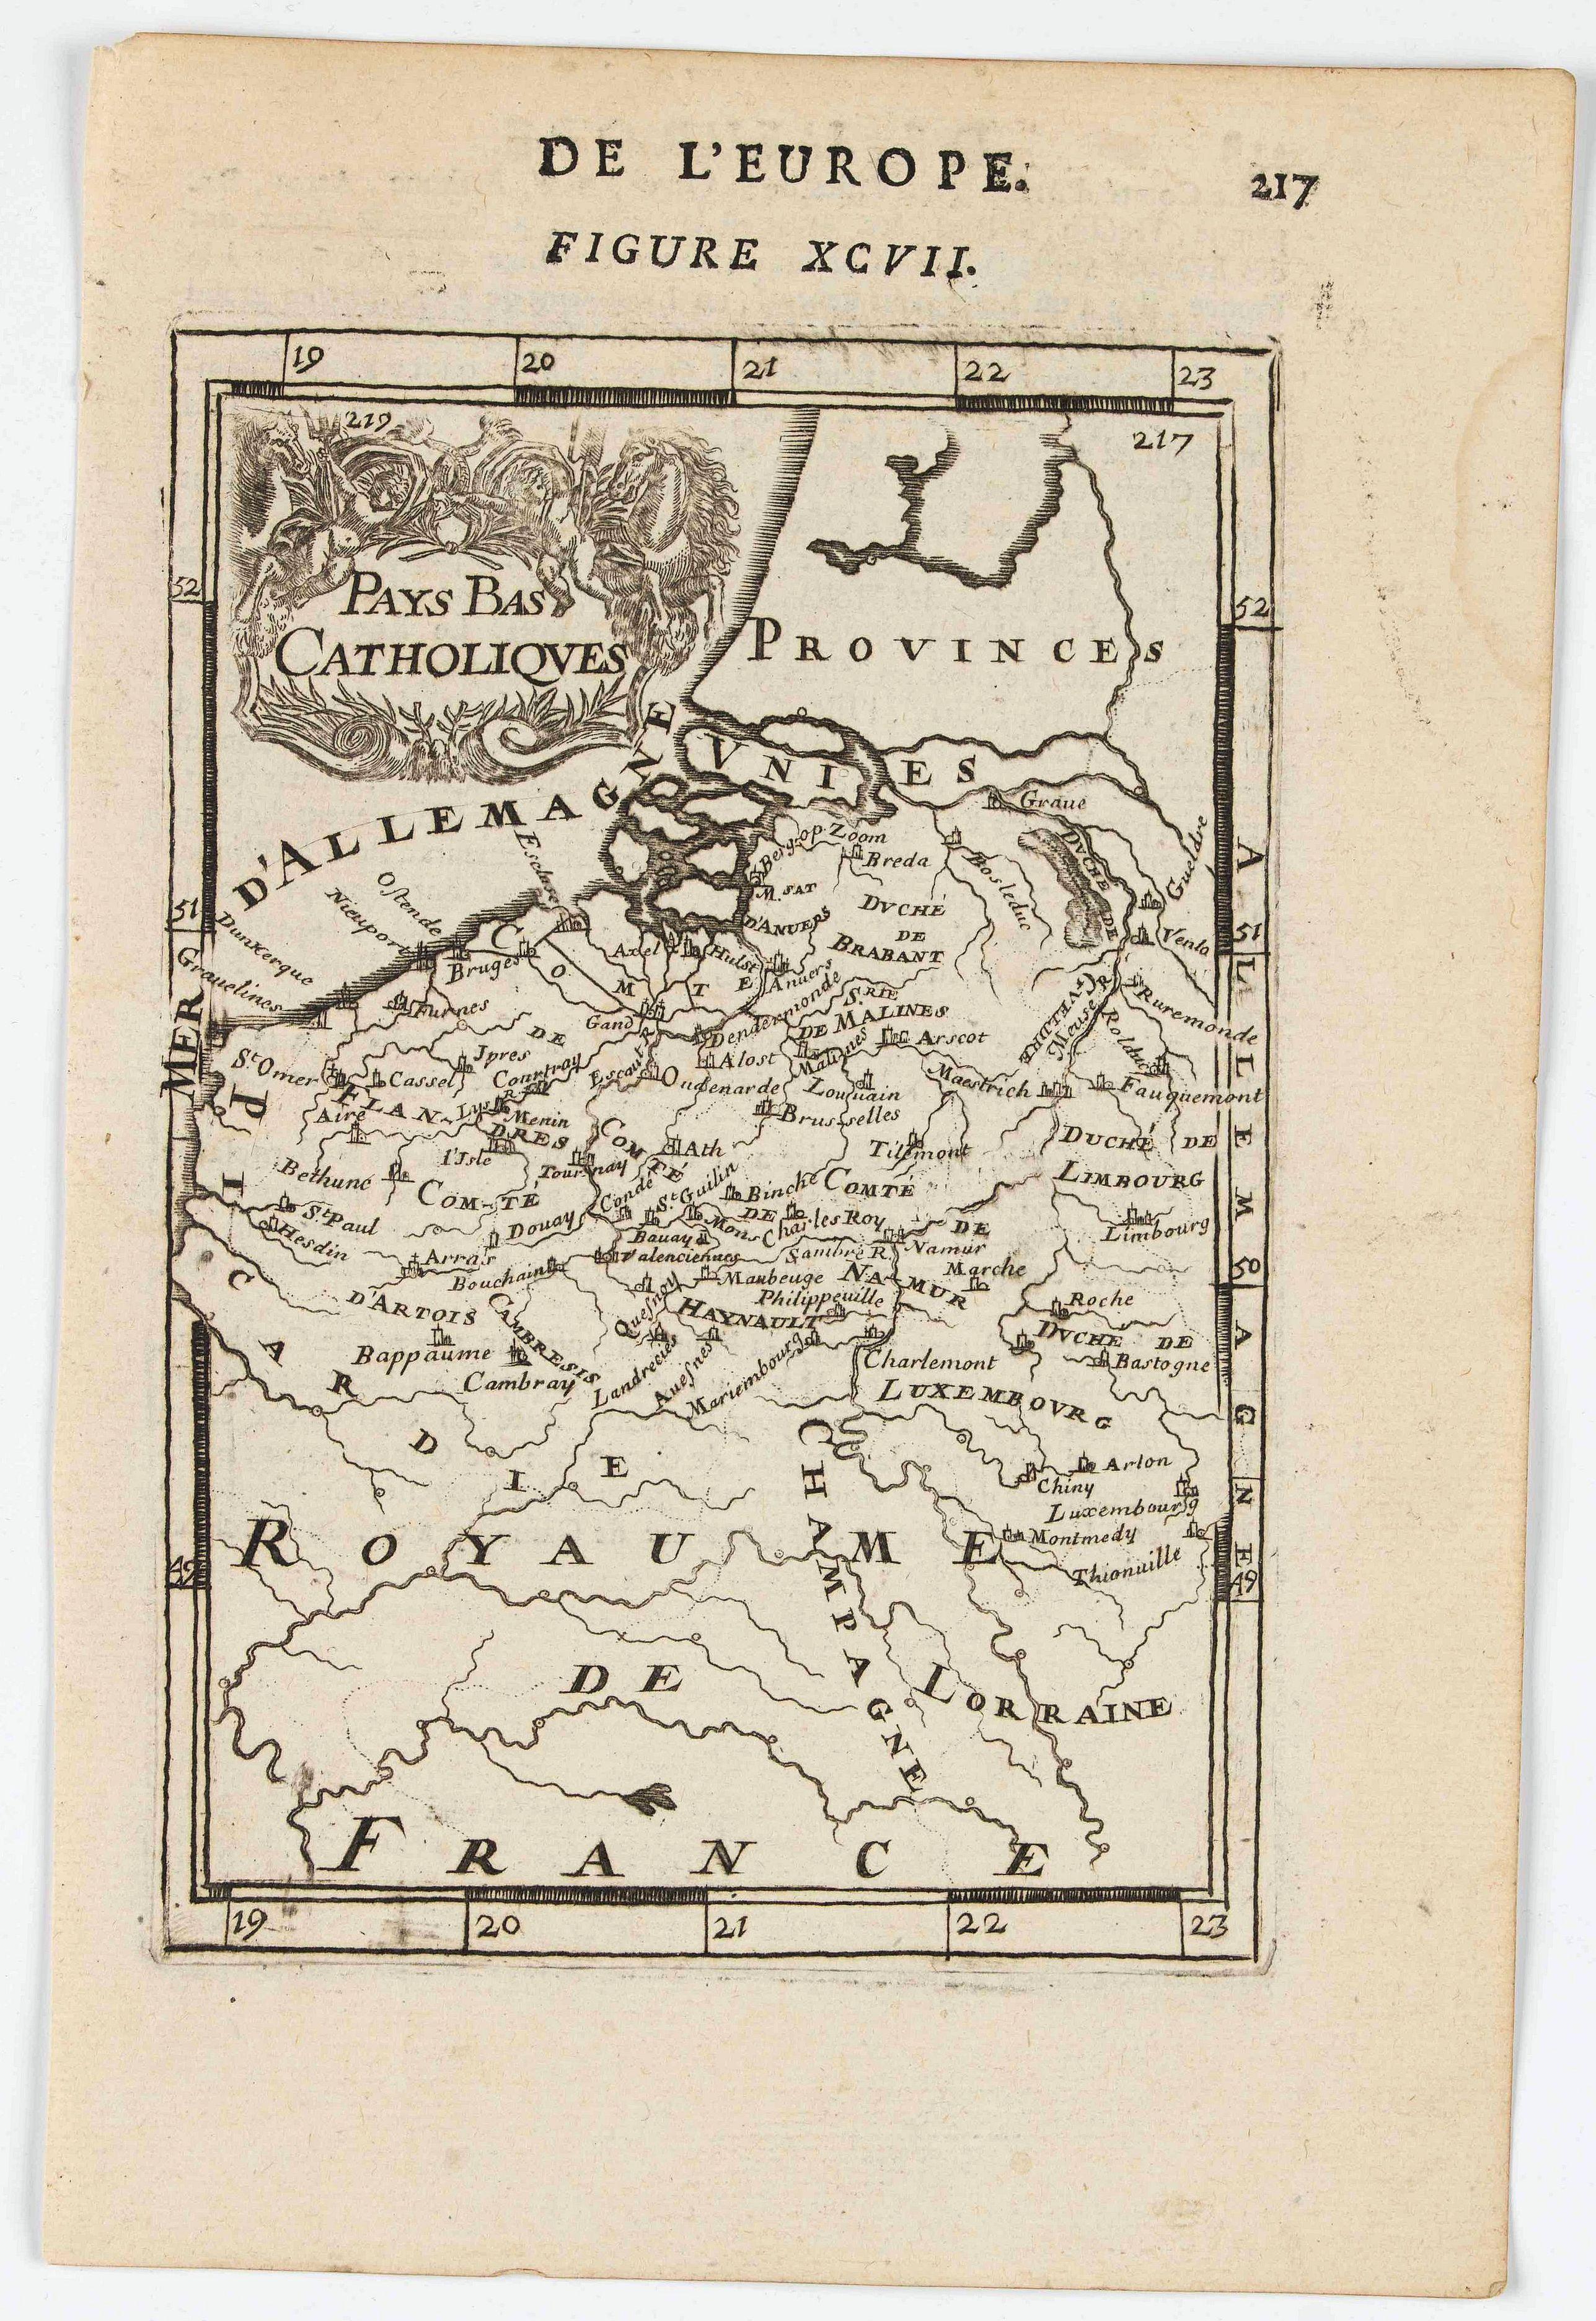 MANESSON MALLET, A. -  Pays-Bas Catholiques.